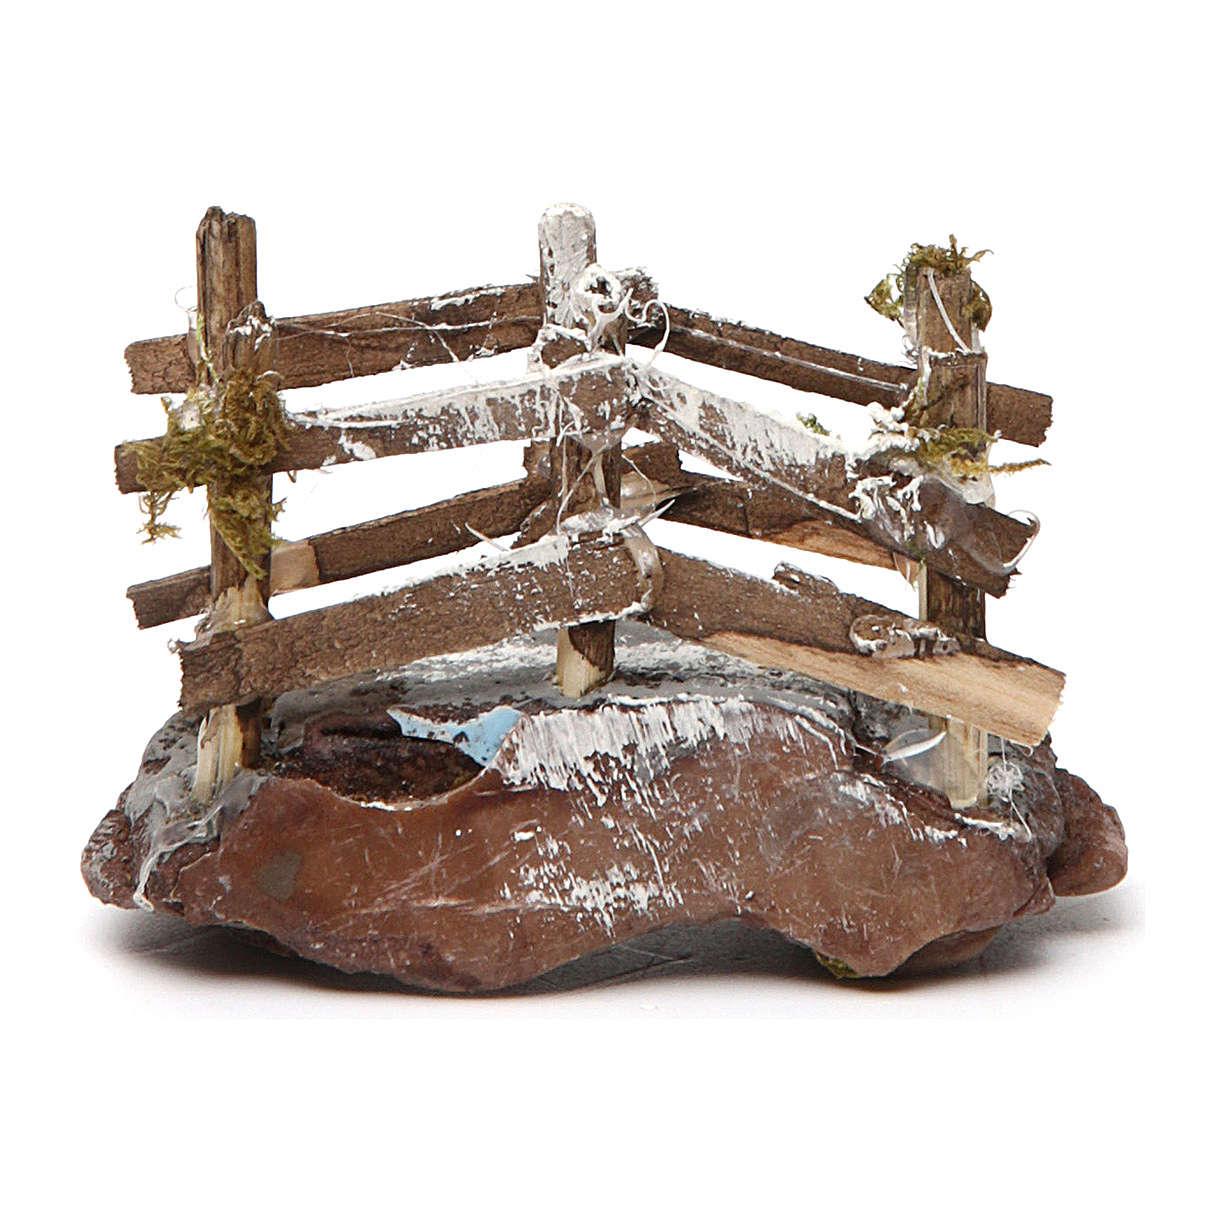 Puente de madera y resina 5x10x5 belén napolitano 4